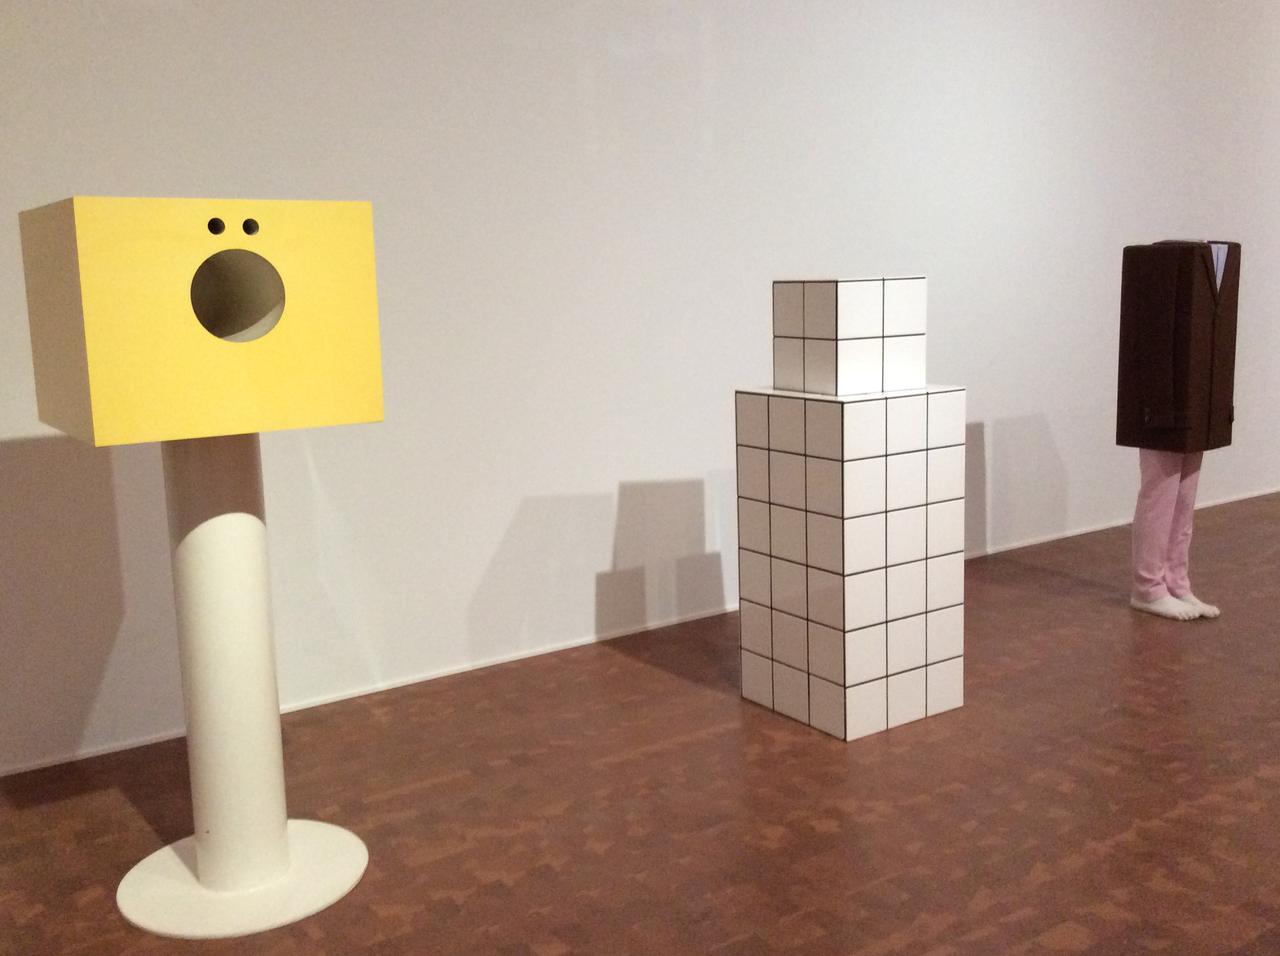 画像: 左)堀内正和《のどちんことはなのあな》1965/76 真ん中)ジャン=ピエール・レイノー《自刻像》1980年 右)エルヴィン・ヴルム《無題》2008年 photo©︎cinefil